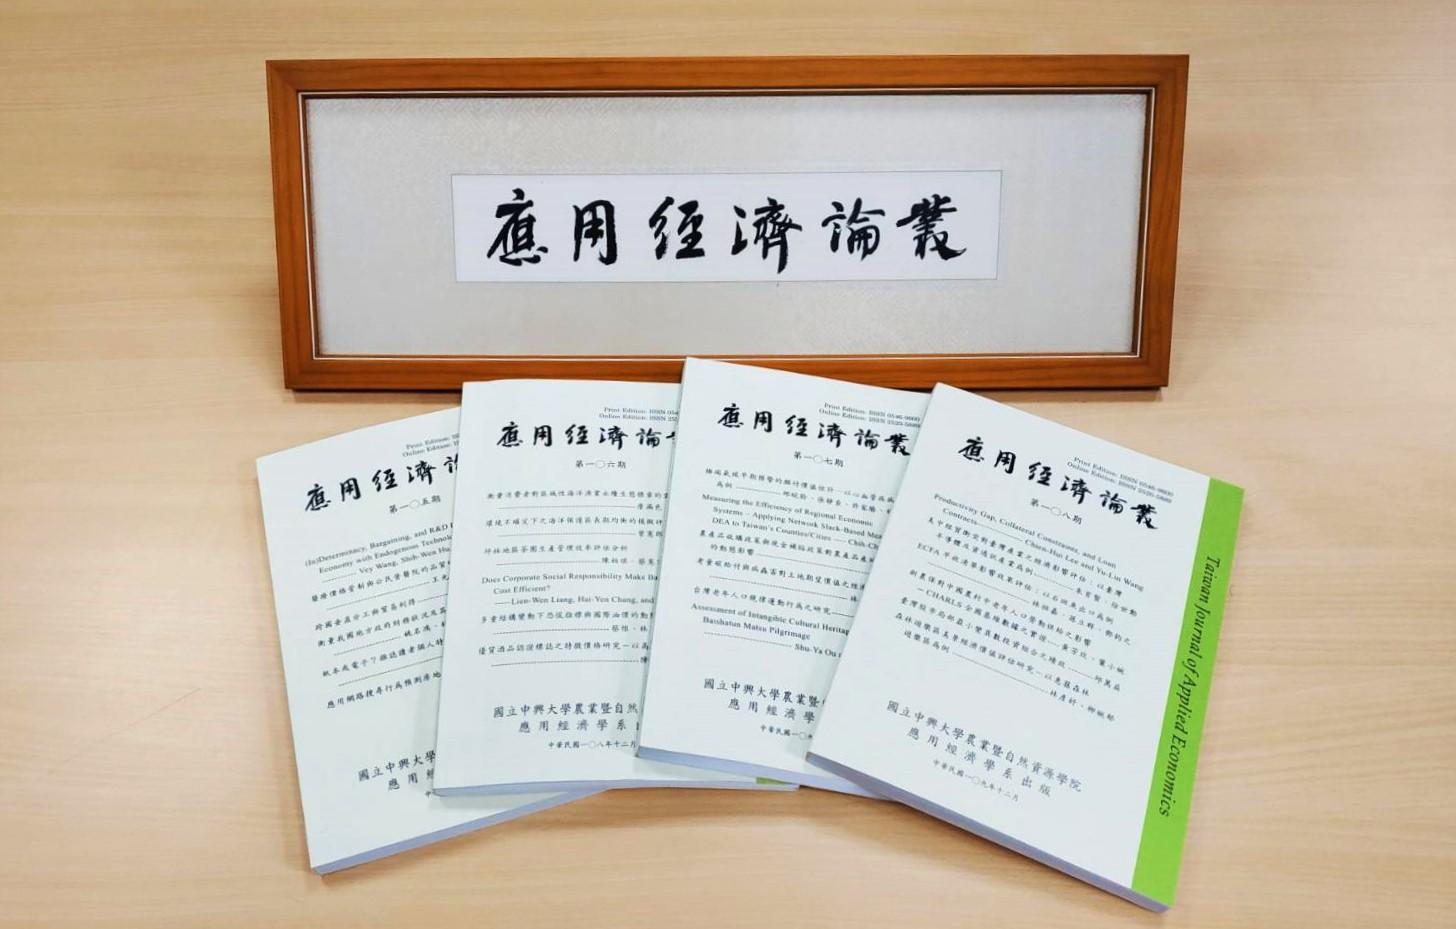 【公關組】《應用經濟論叢》榮獲110年臺灣學術資源影響力「期刊即時傳播獎」